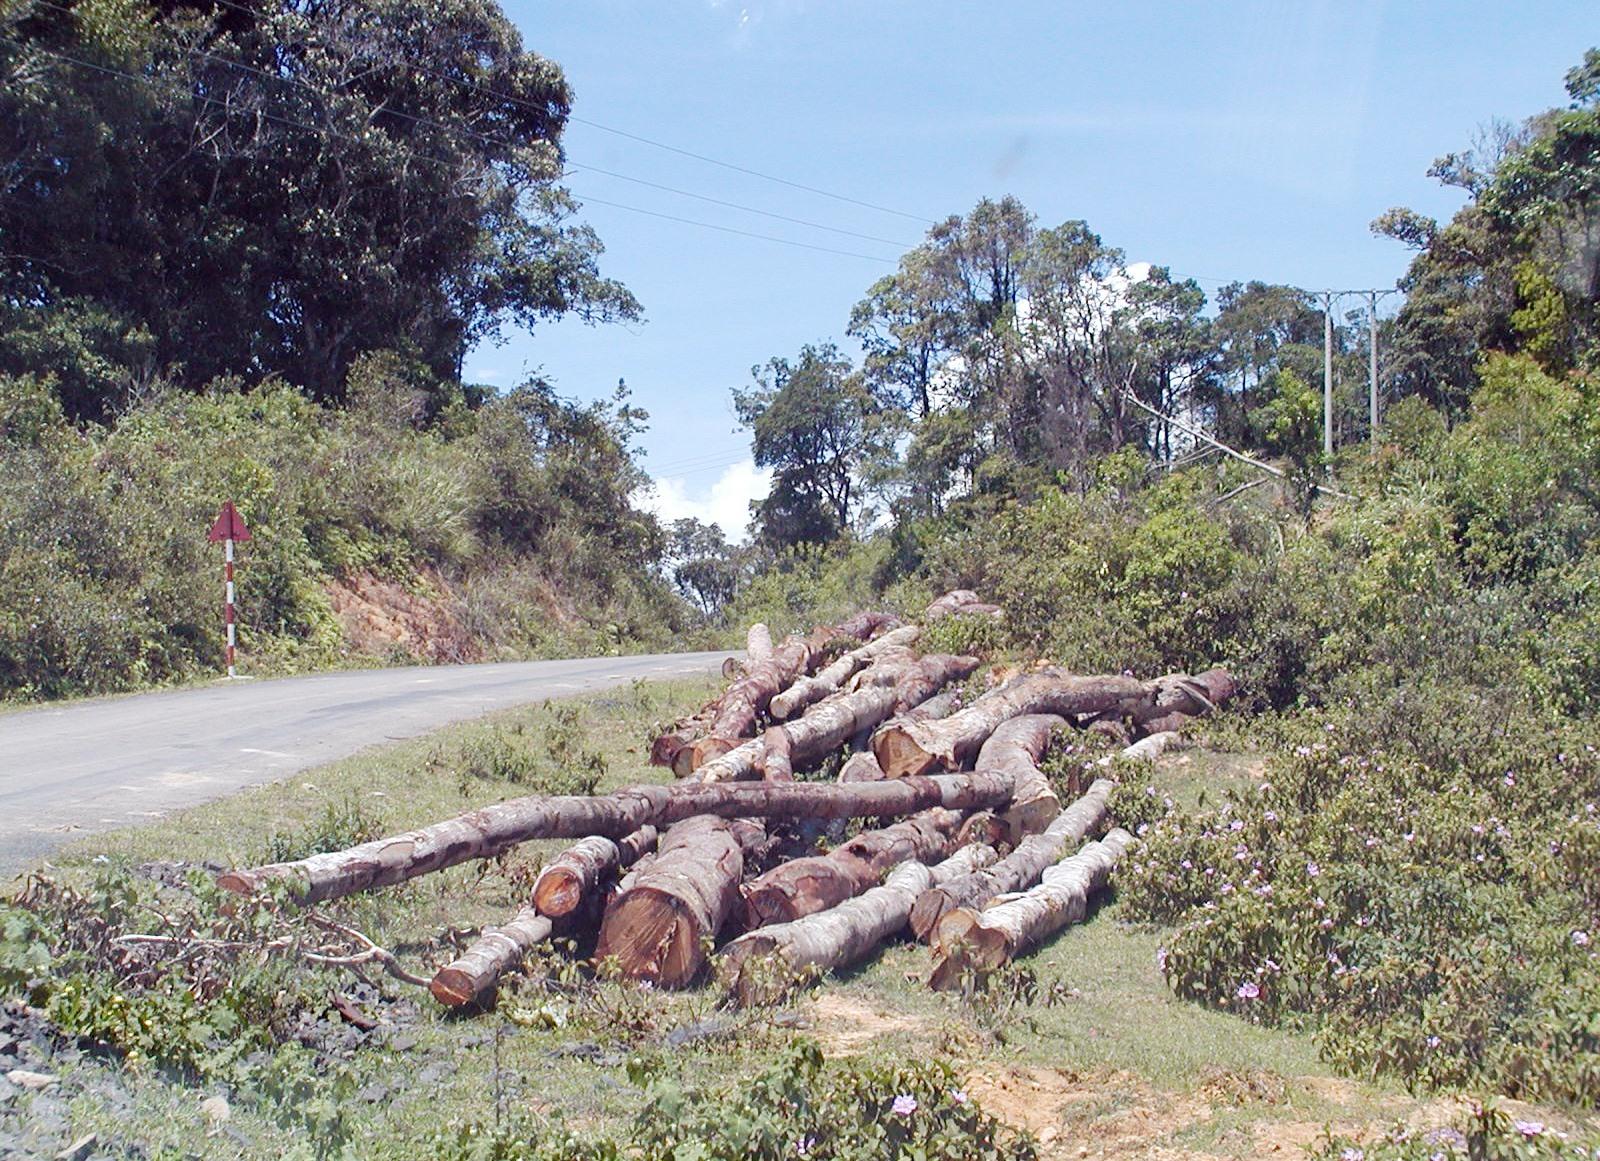 Đường trải dài đến đâu, nạn phá rừng càng mạnh và khó ngăn chặn đến đó.